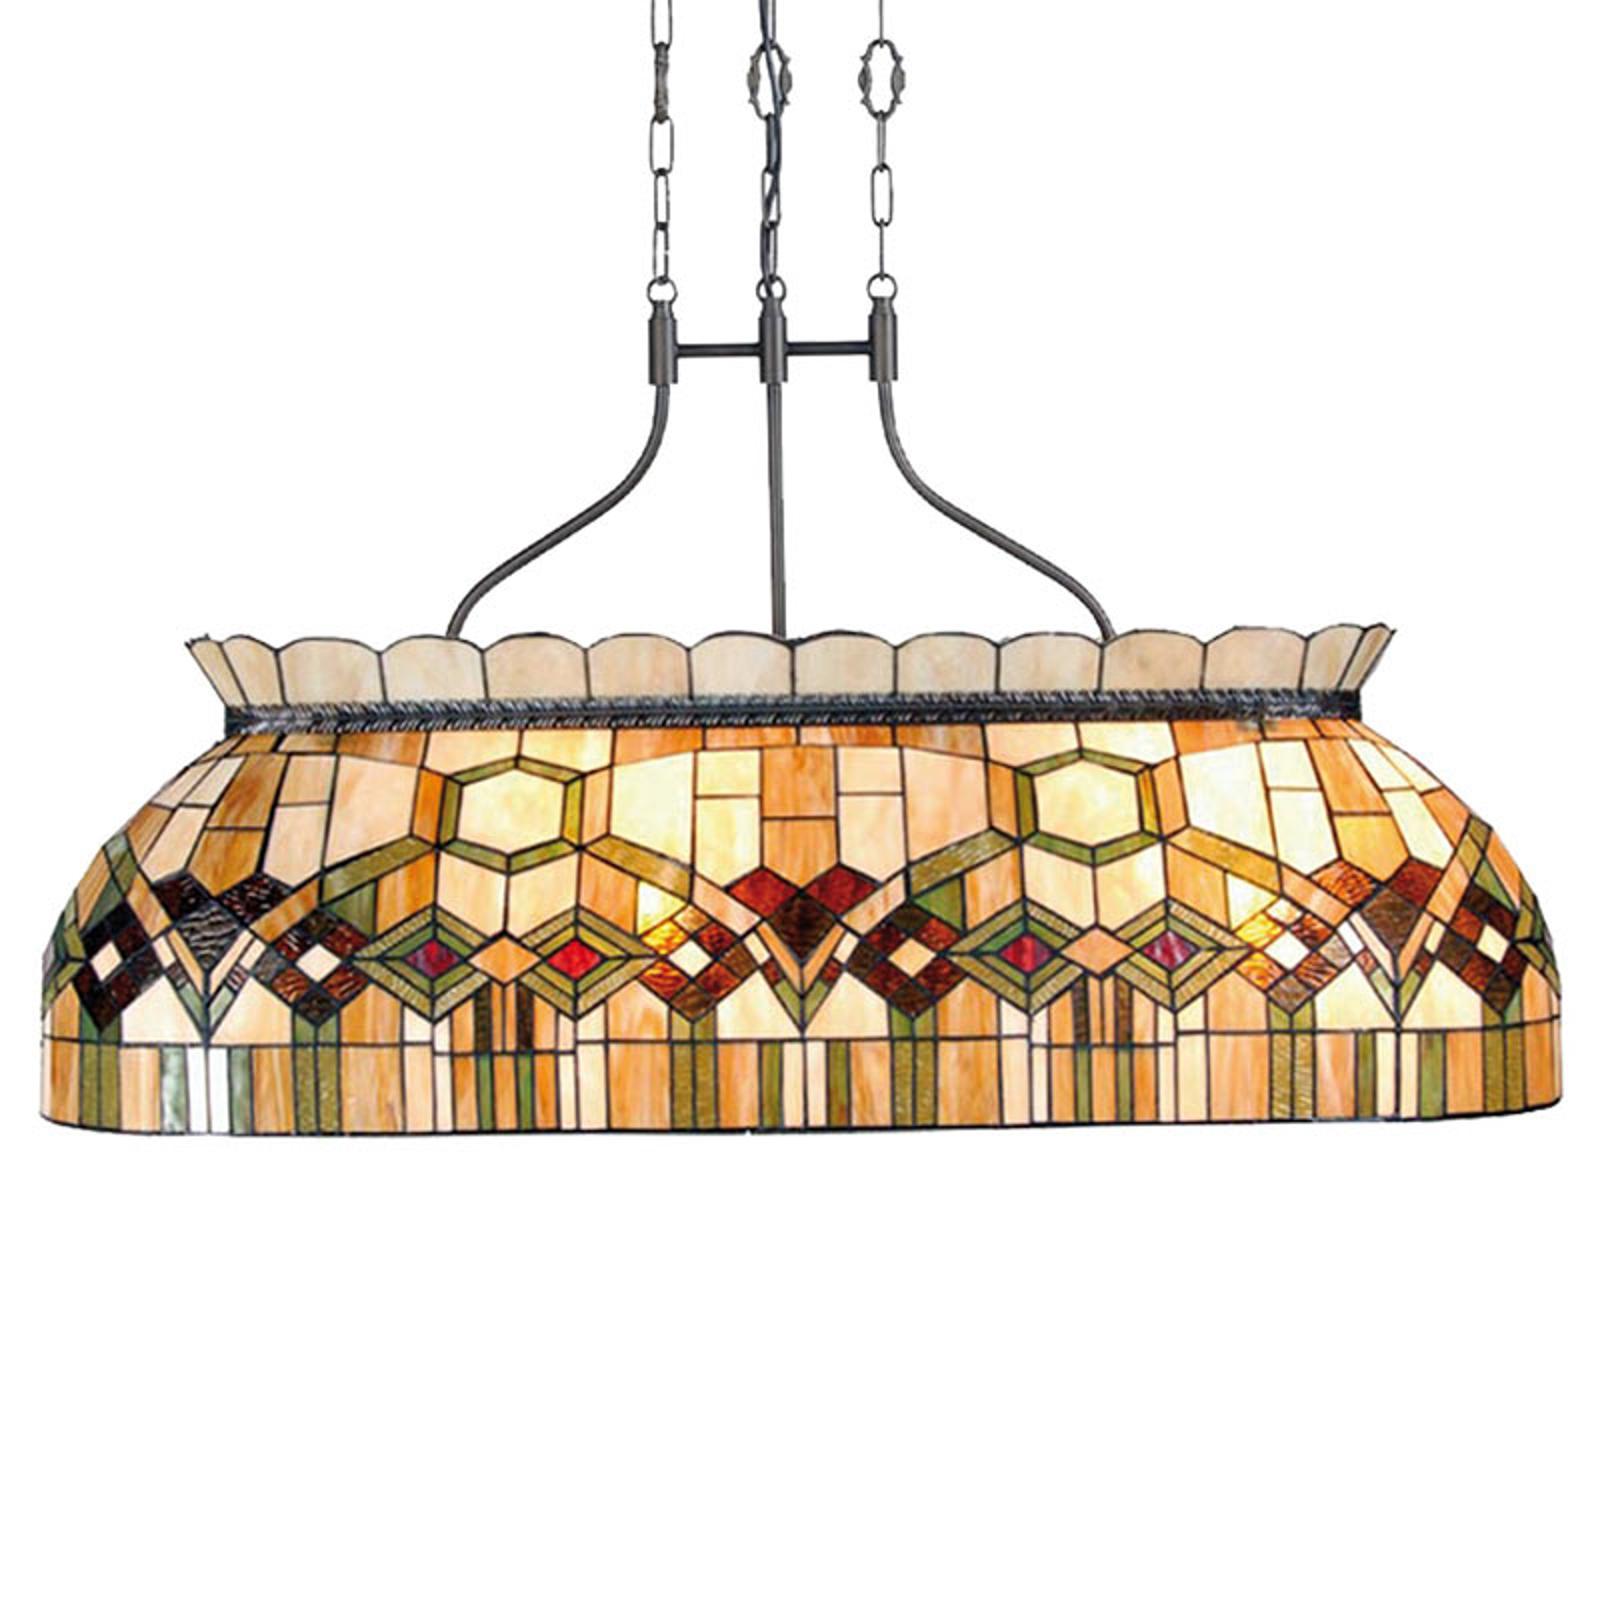 115 cm lang pendellampe Saavik - Tiffany-stil